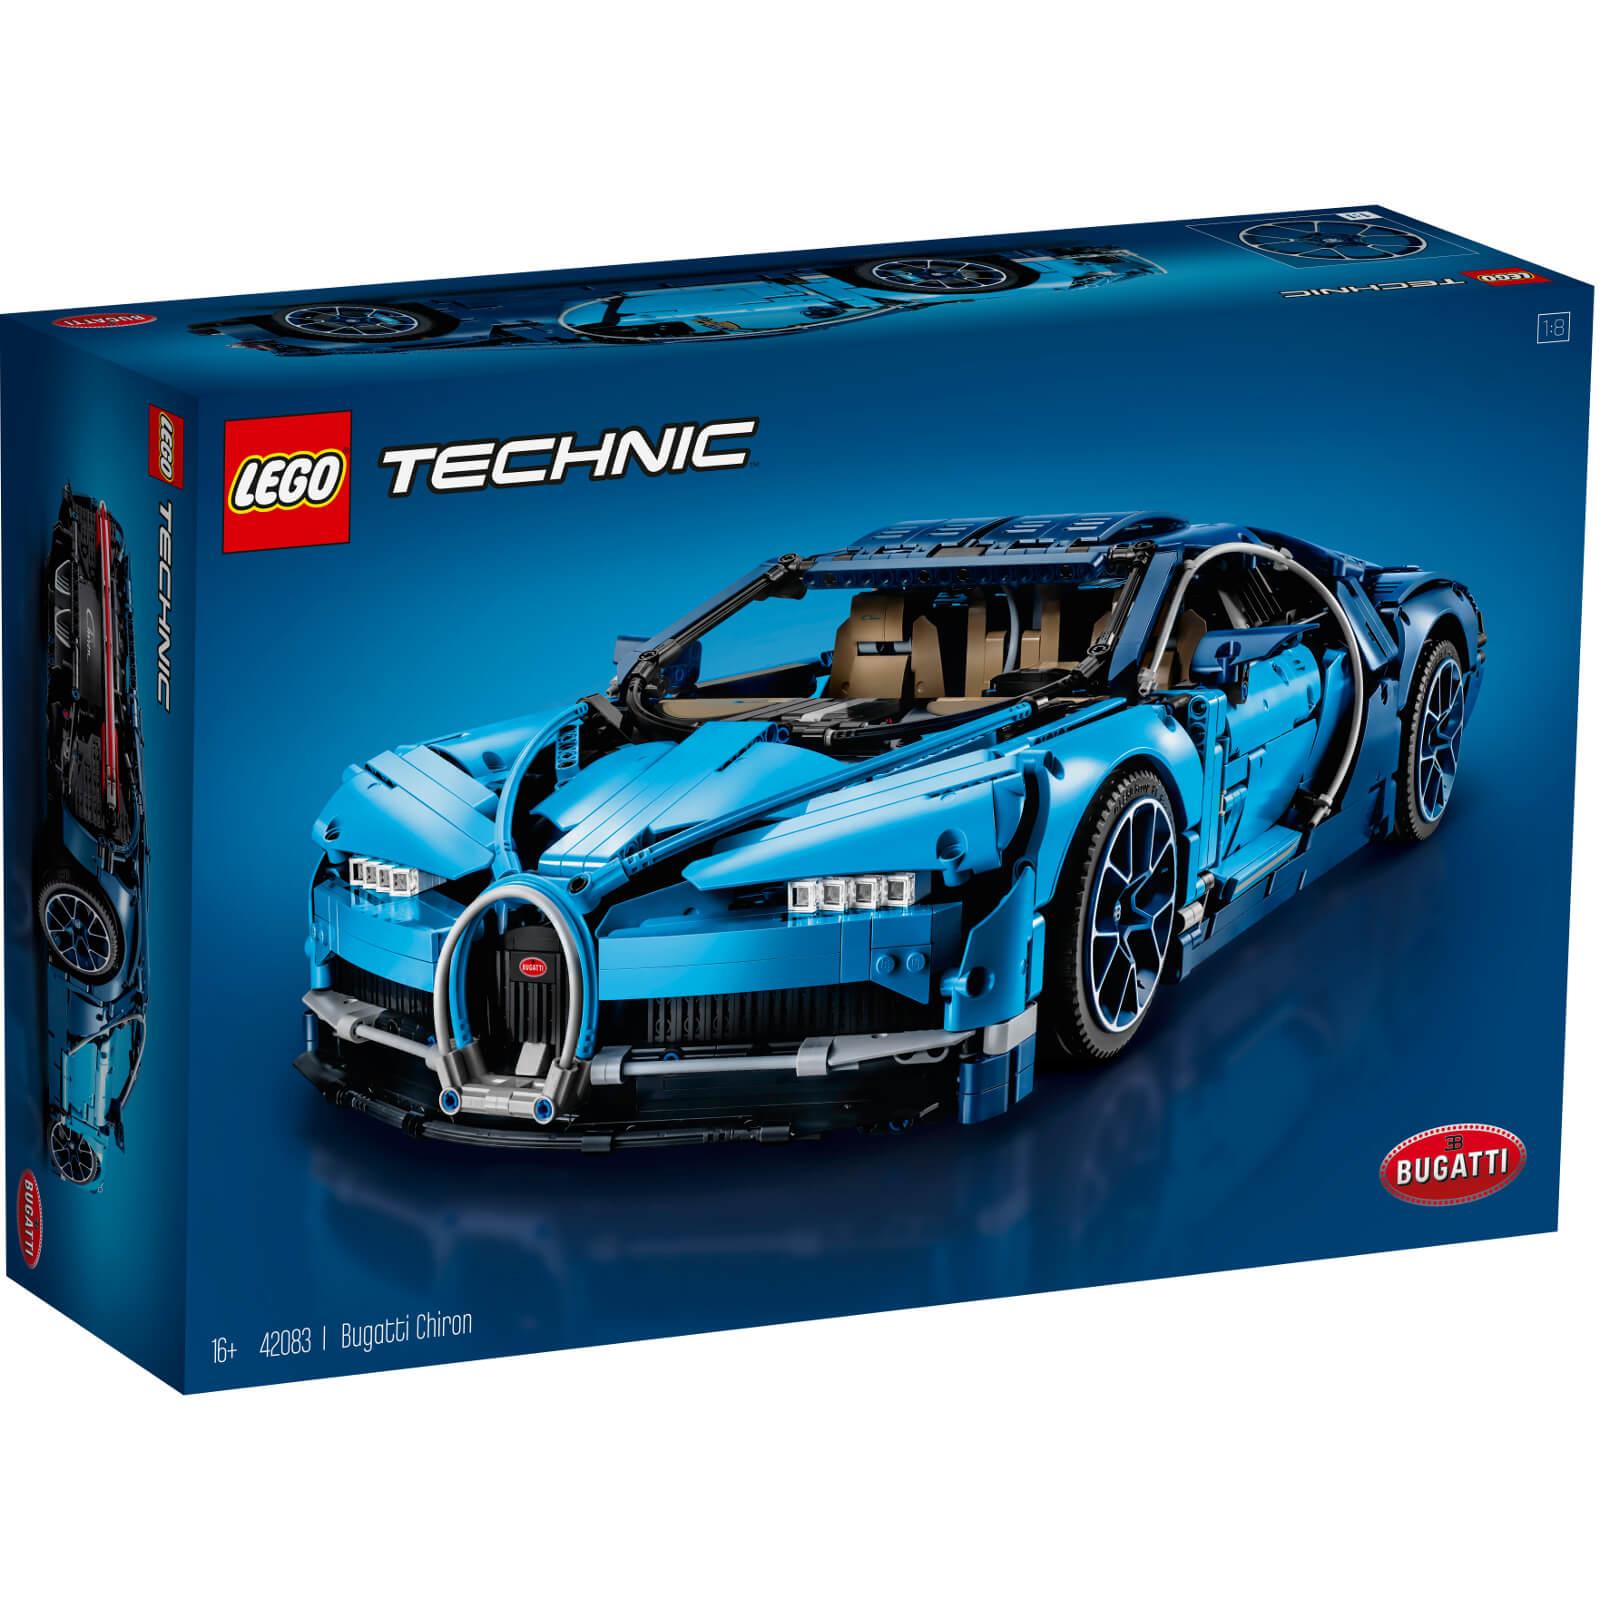 LEGO Technic: Bugatti Chiron